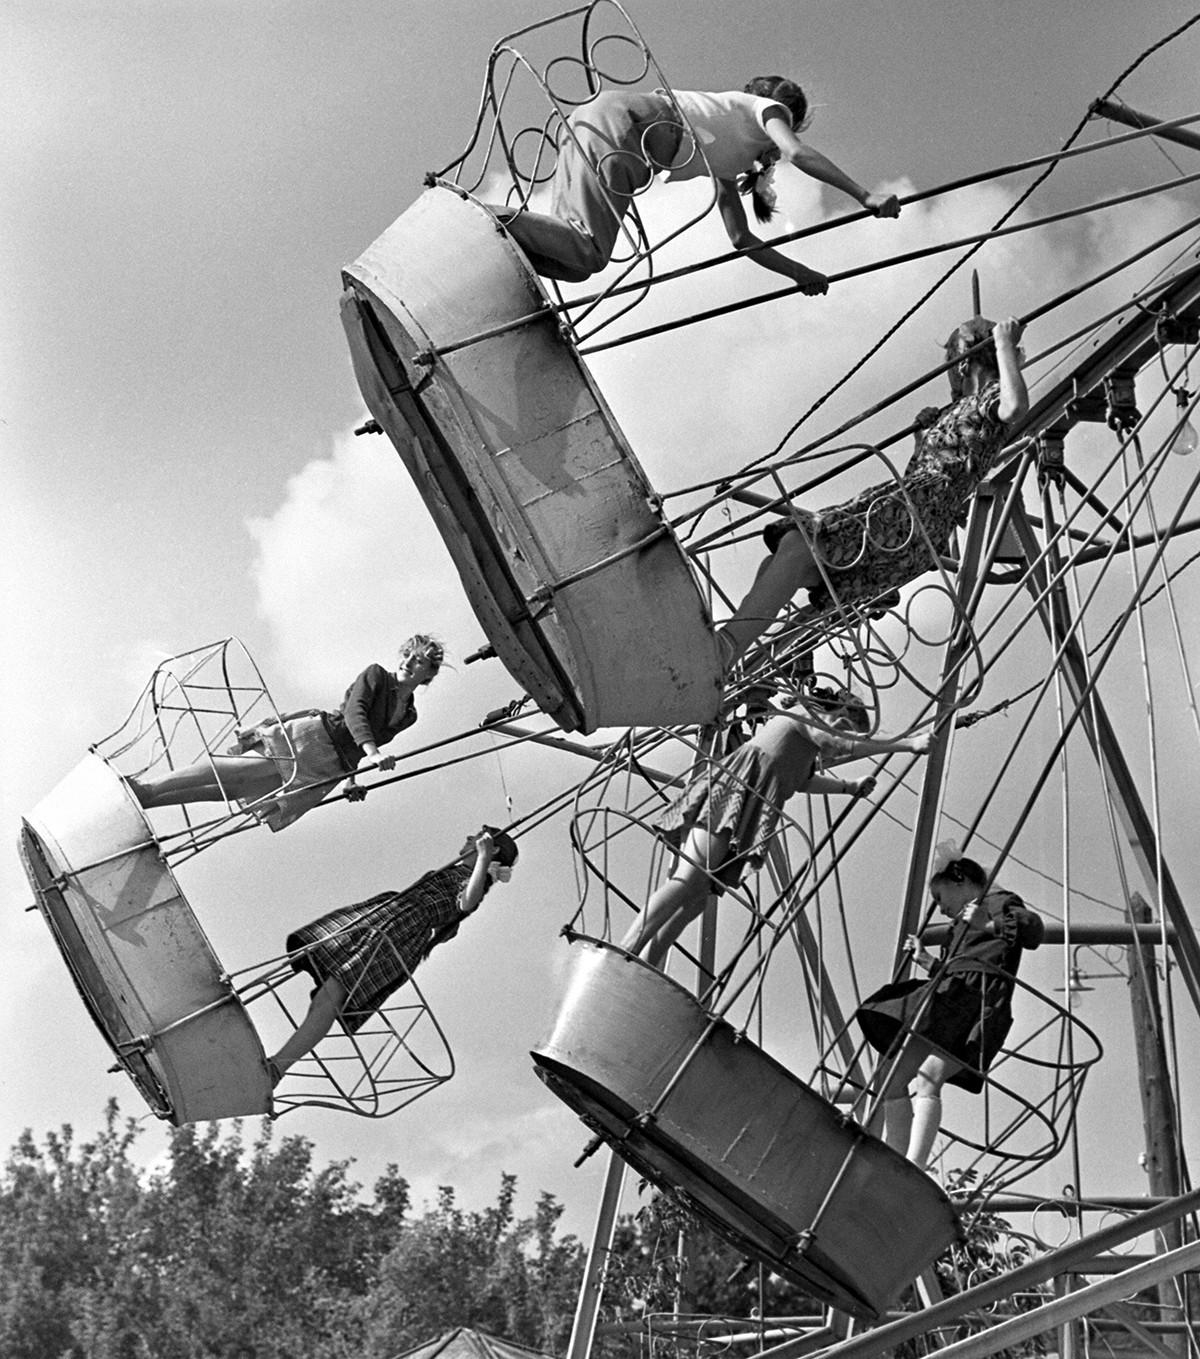 Gugalnice-čolni v Saratovu, 1962.